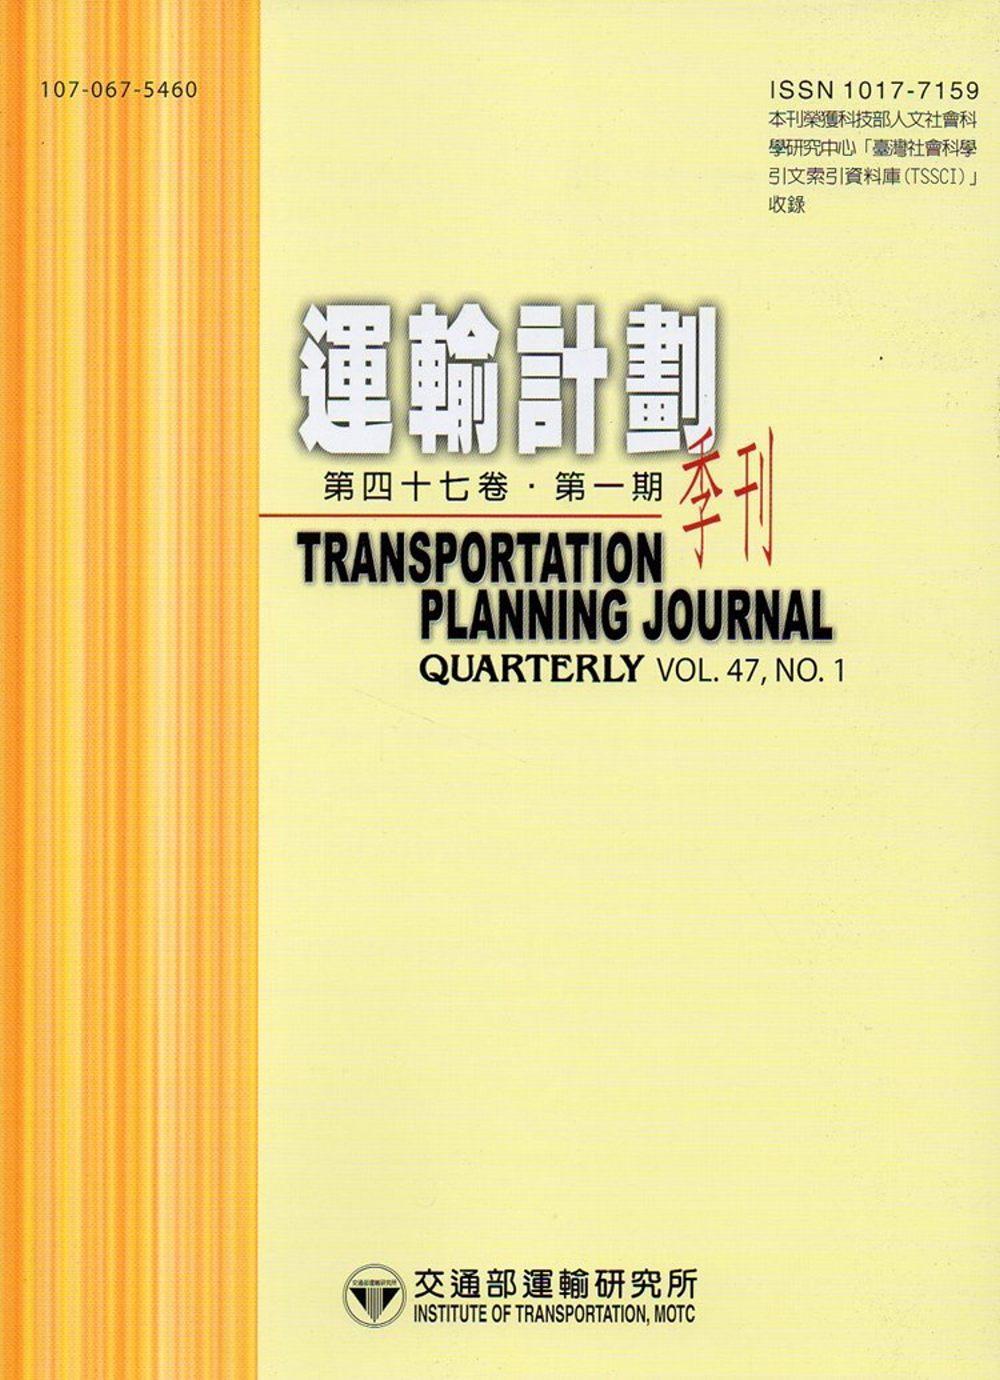 運輸計劃季刊47卷1期(107/03)